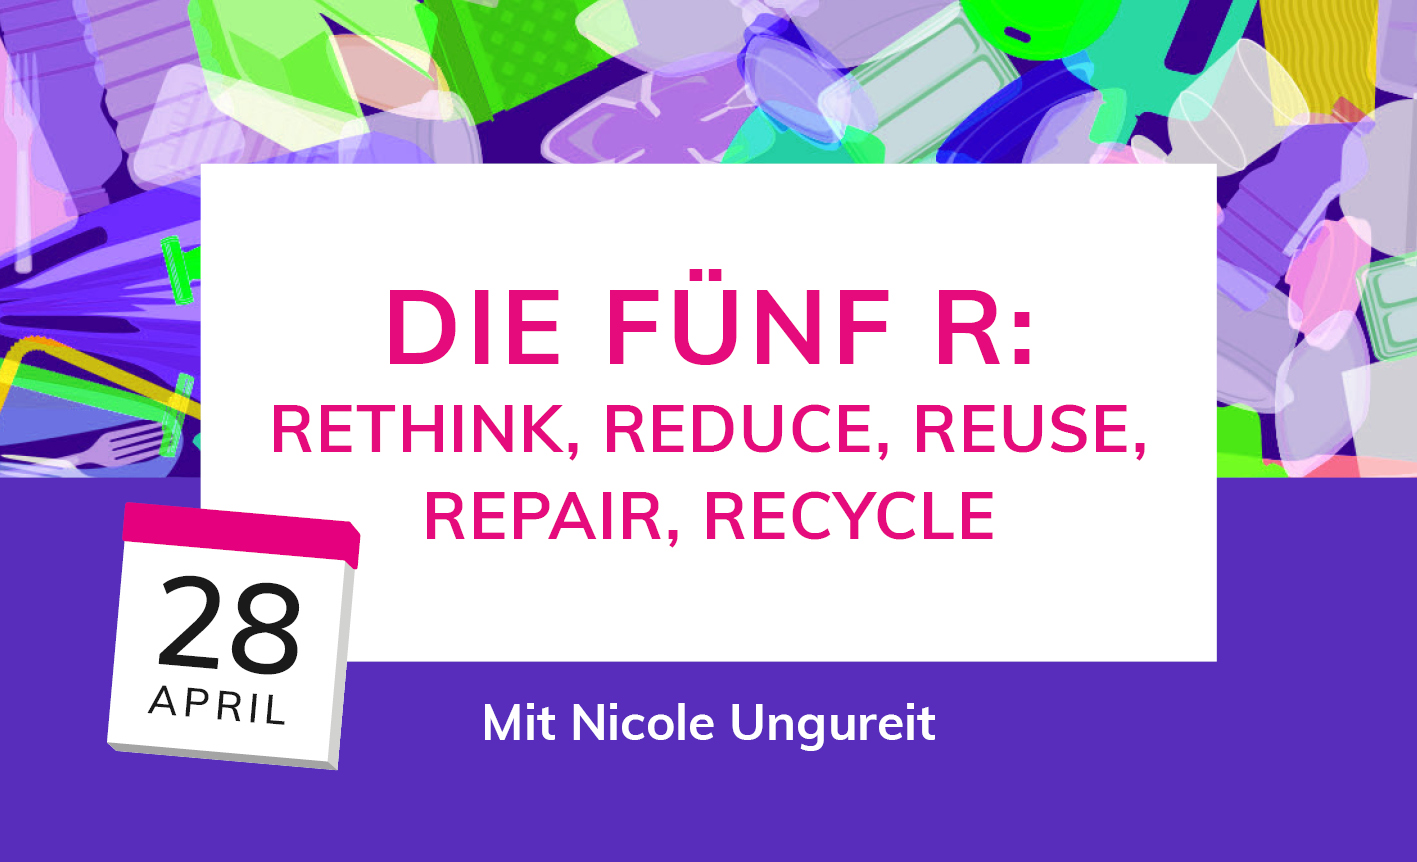 Die fünf R: Rethink, Reduce, Reuse, Repair, Recycle